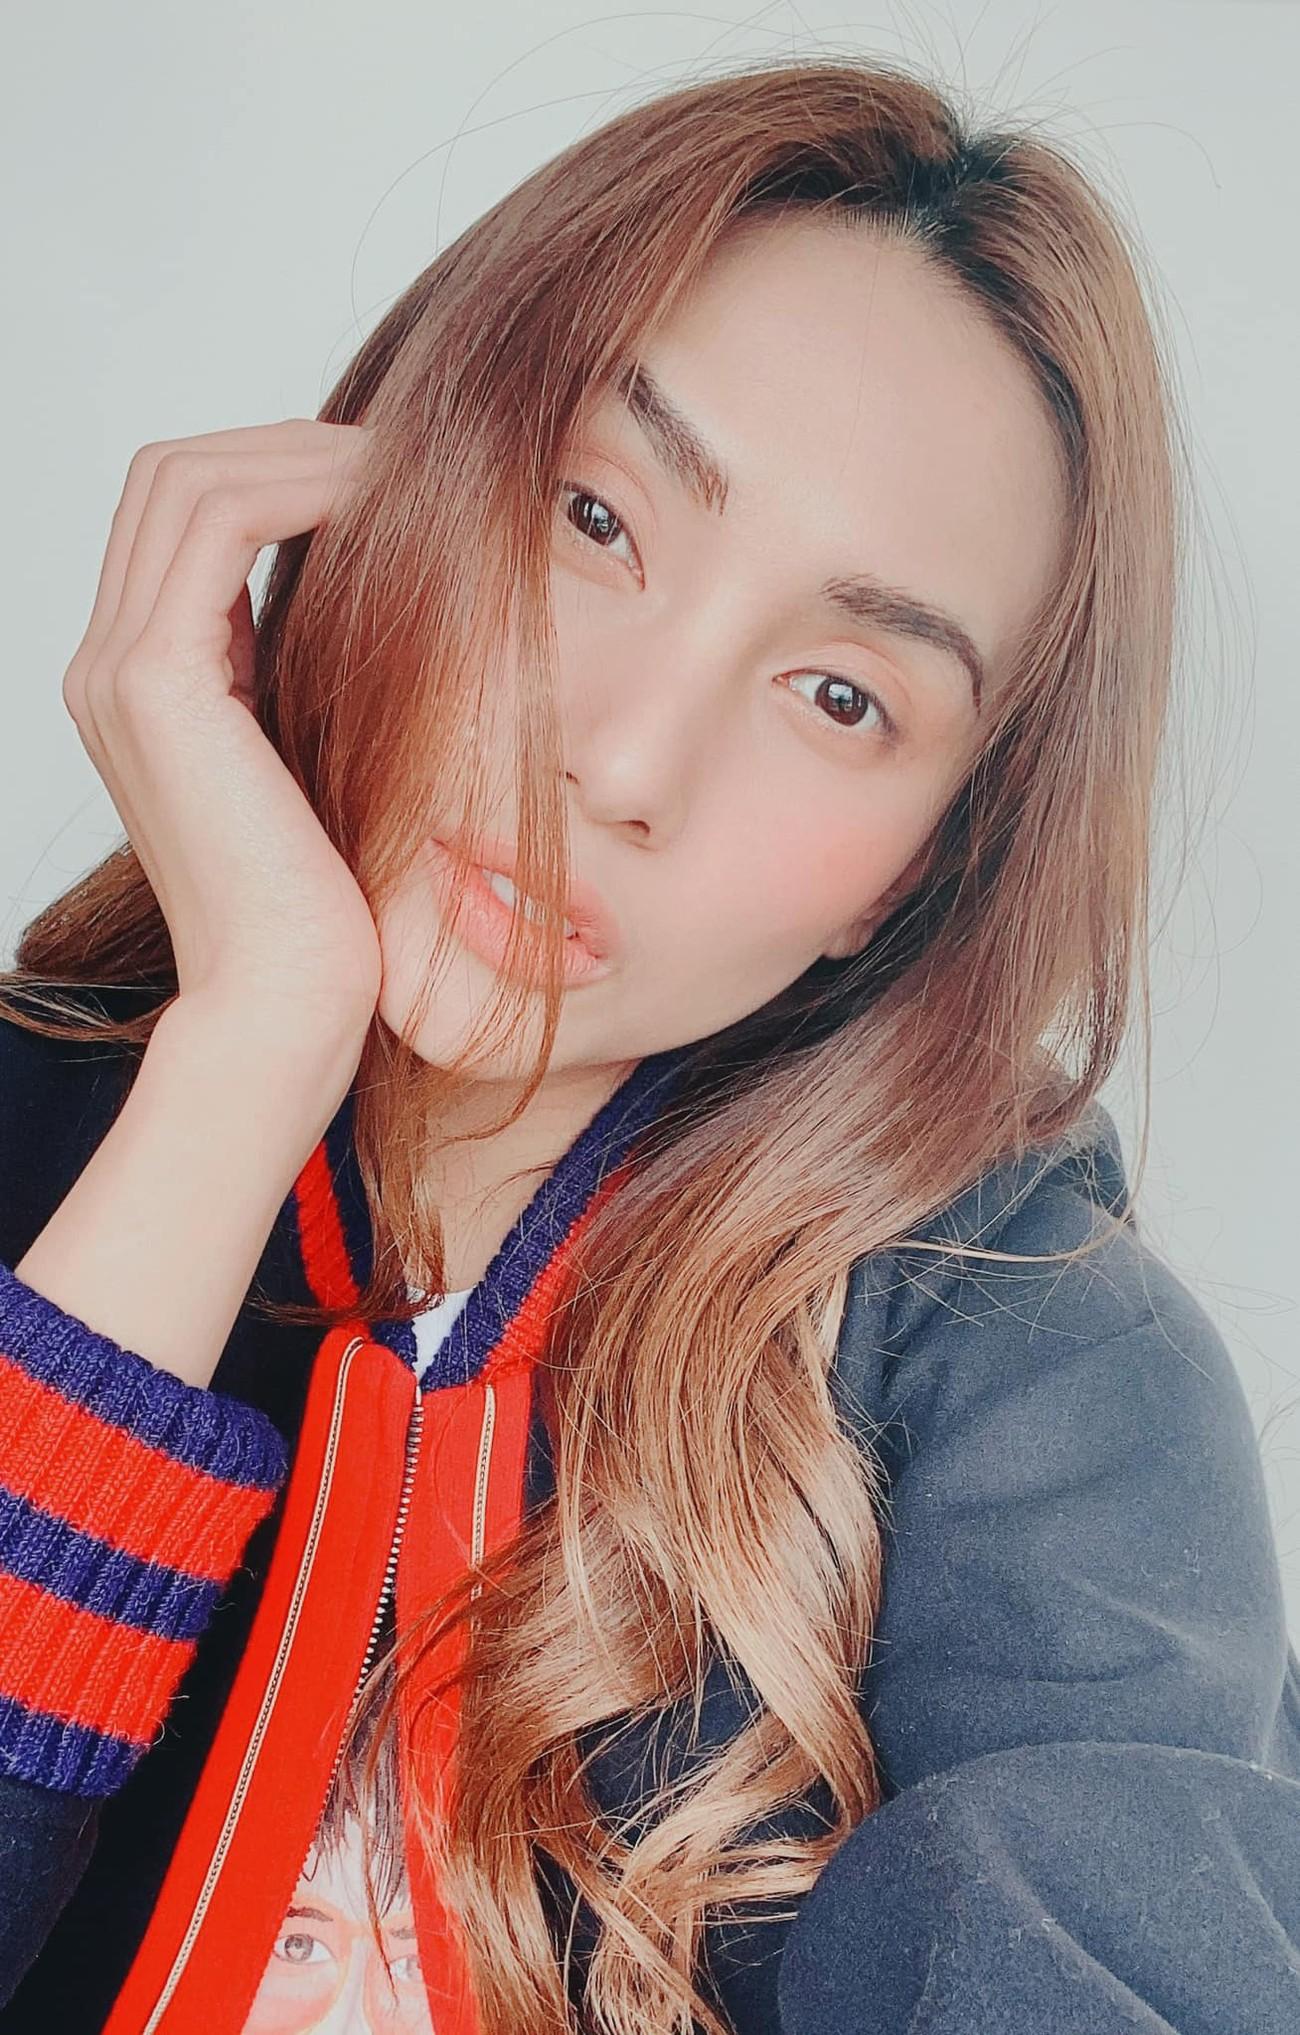 Dàn Hoa hậu, Á hậu chia sẻ cảm xúc đặc biệt trước khi chia tay năm 2020 đầy biến động ảnh 6